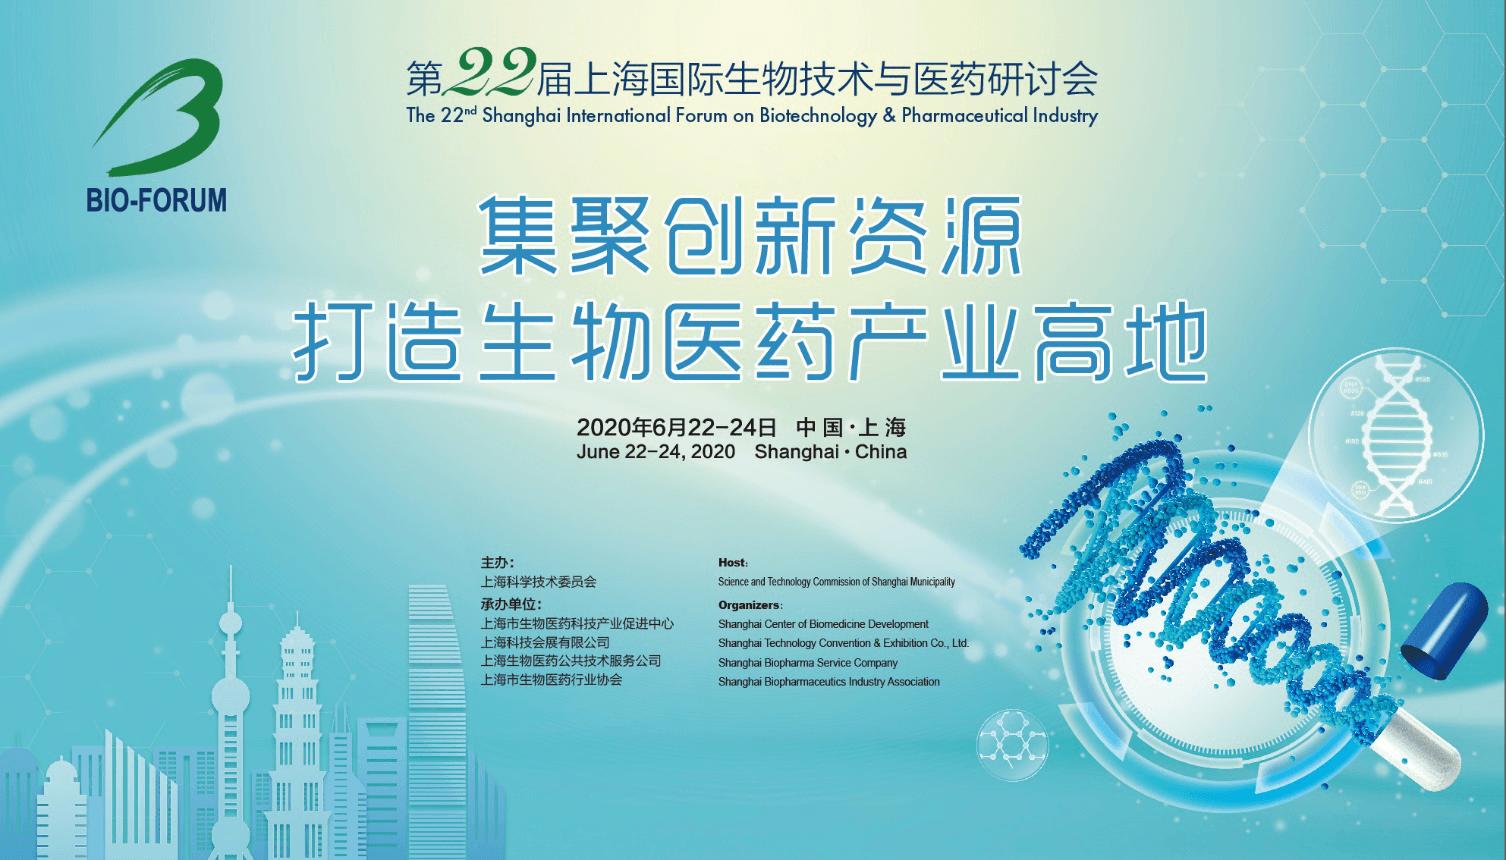 第22届上海国际生物技术与医药研讨会(Bio-Forum?2020)